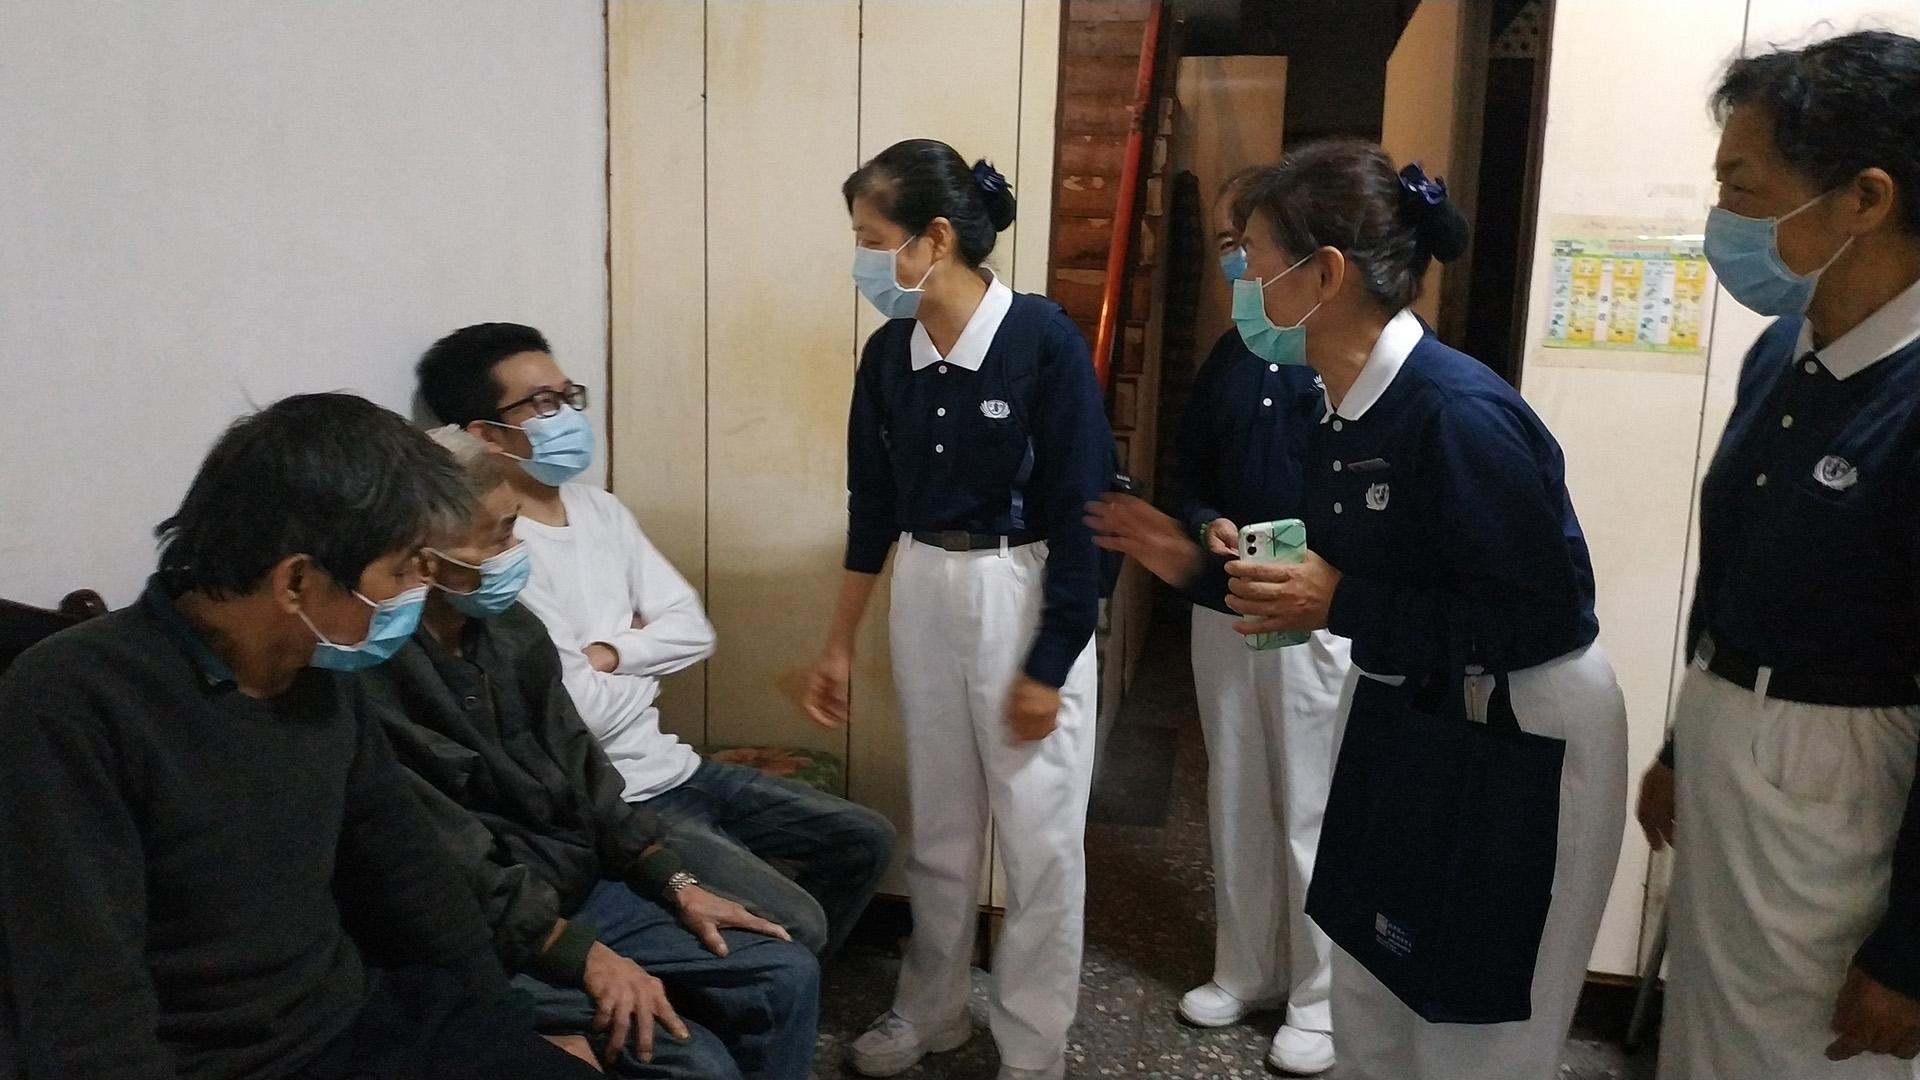 鄉公所協助受災戶修繕,5月3日慈濟志工前往關懷。